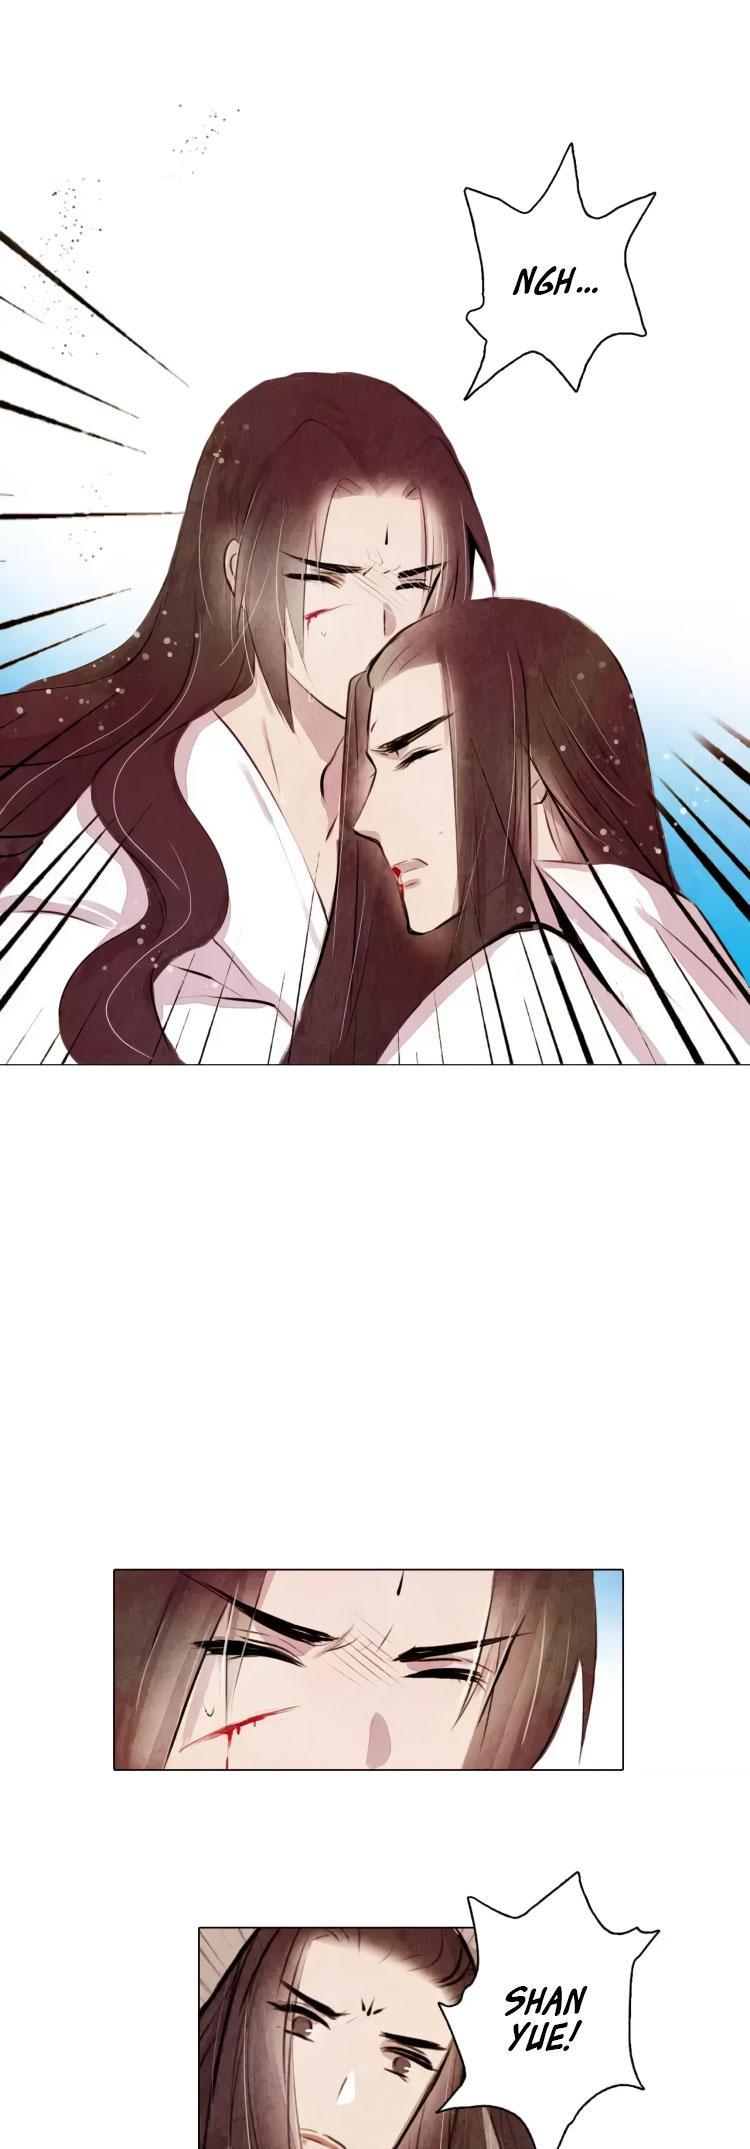 Shan Yue Chapter 10 page 5 - Mangakakalots.com